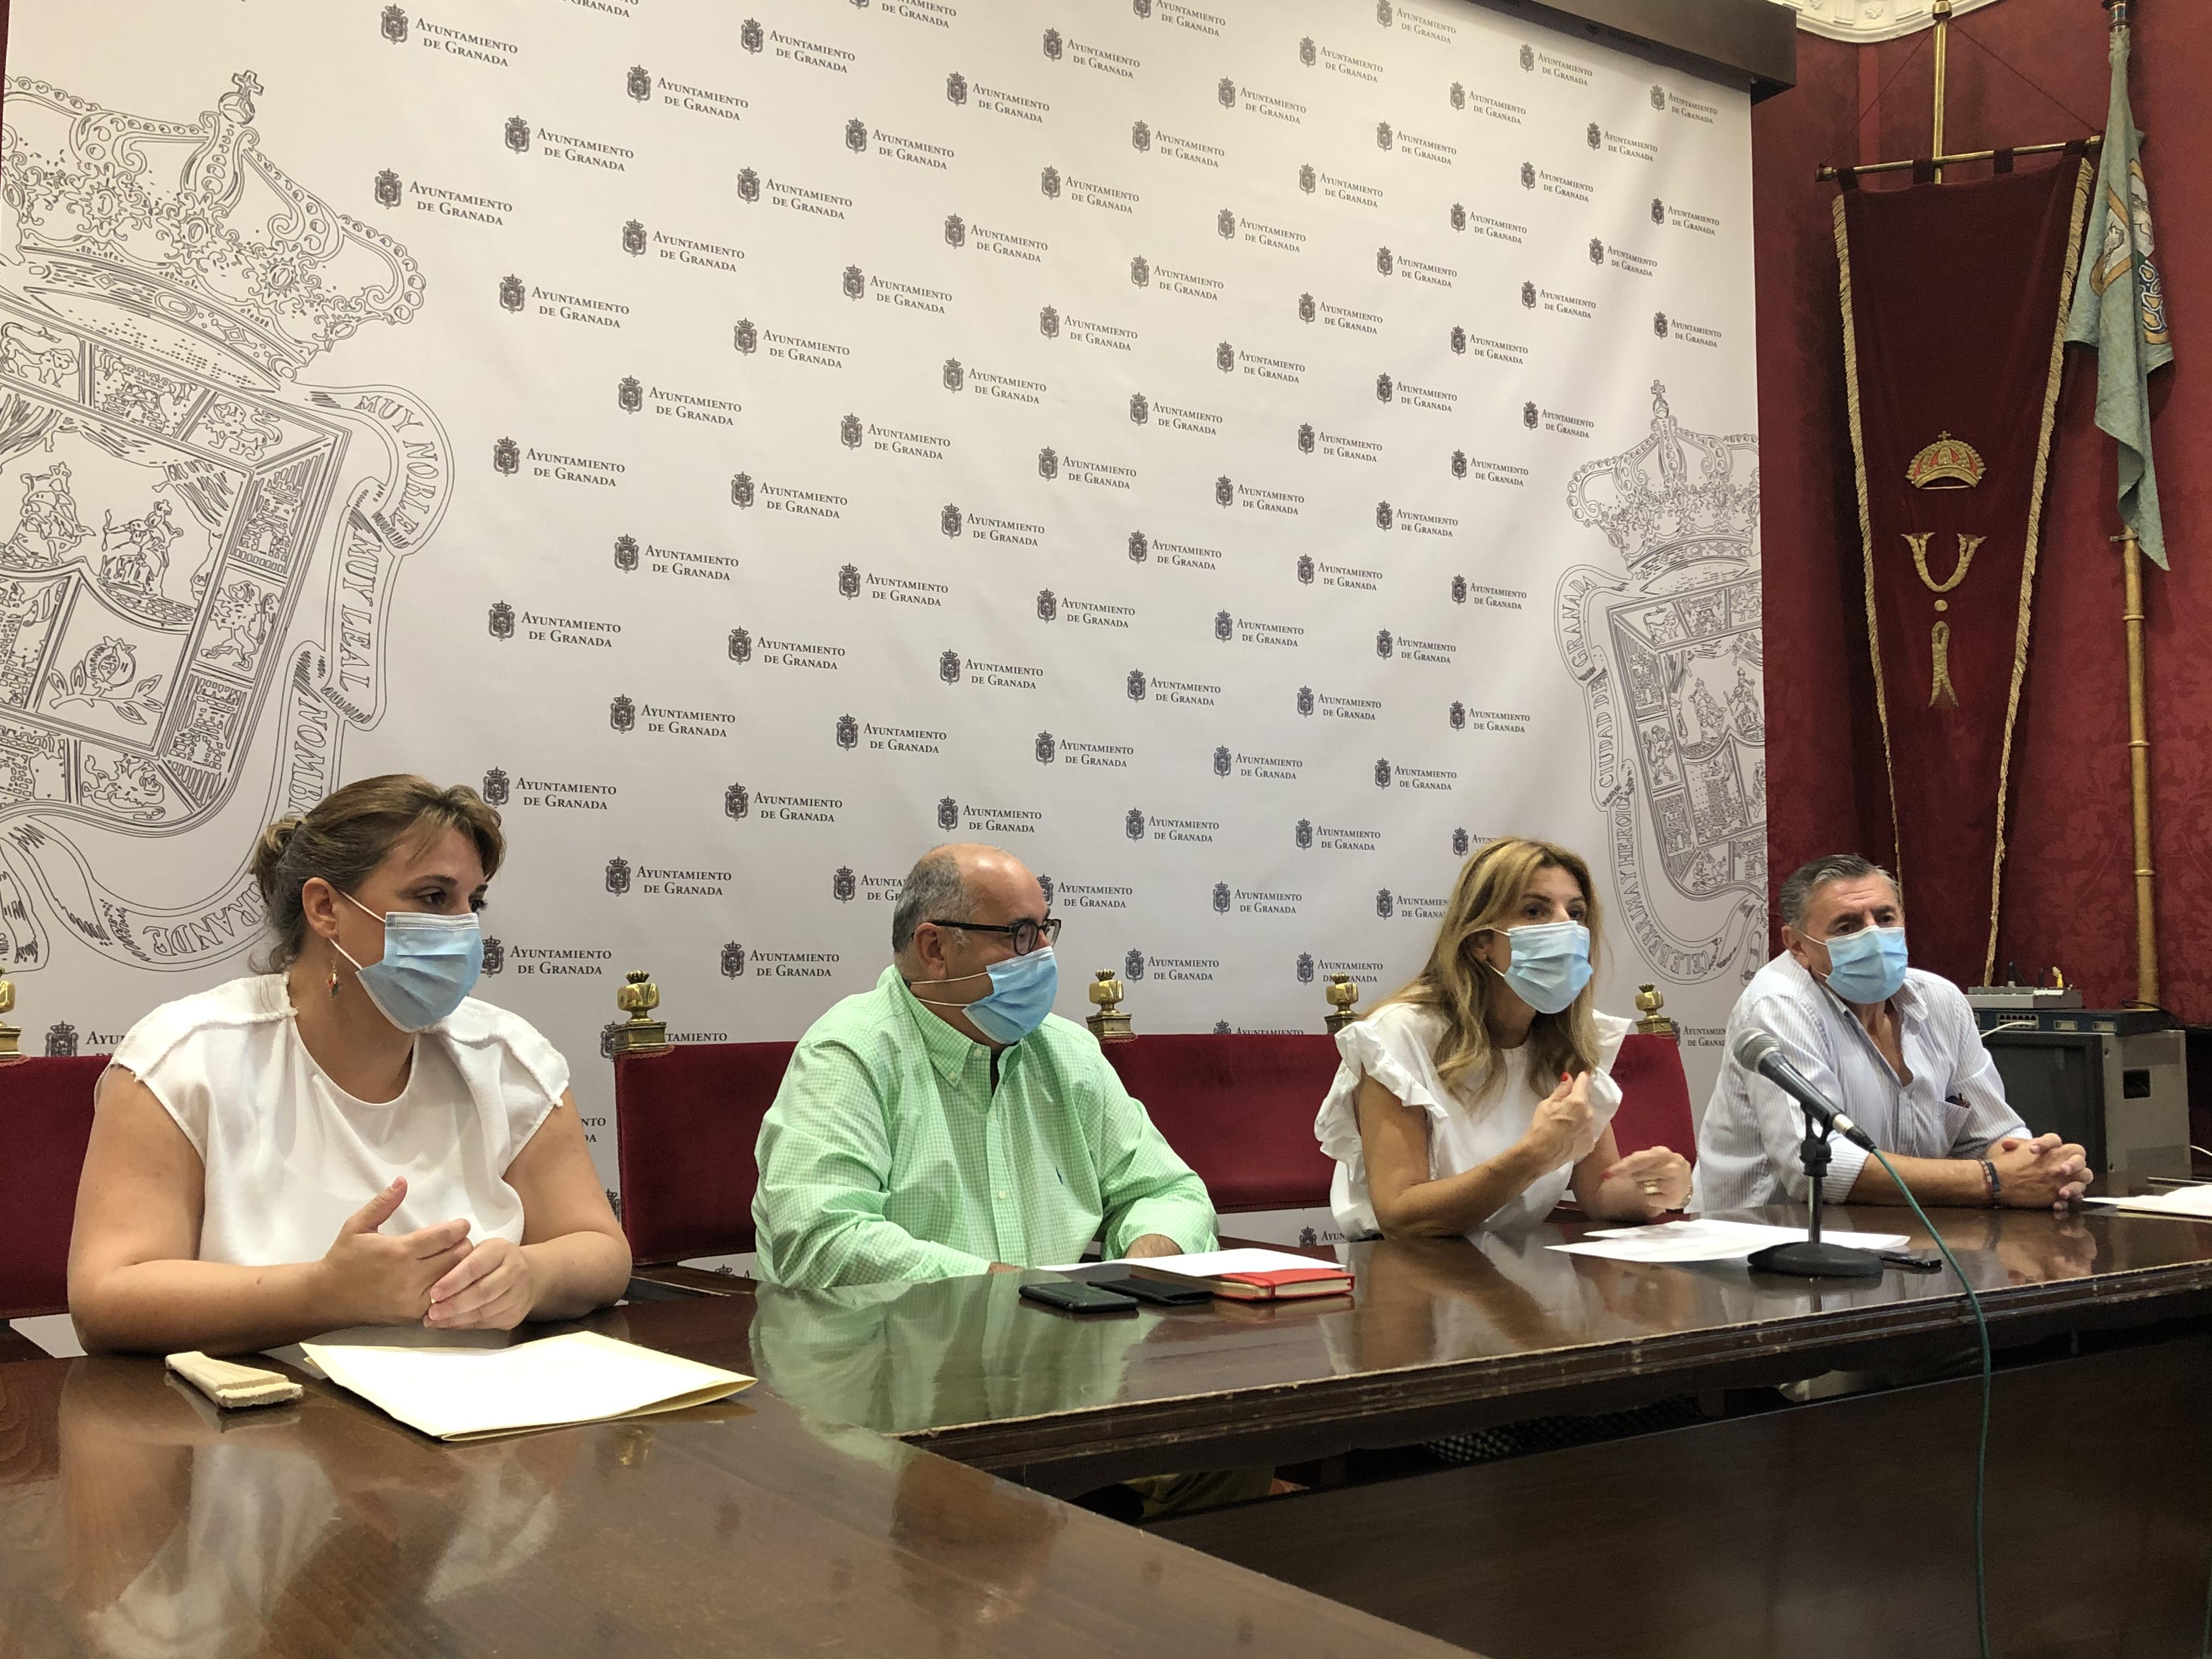 ©Ayto.Granada: CONSUMO DEL AYUNTAMIENTO DE GRANADA TRAMITA MÁS DE 500 CONSULTAS DURANTE EL ESTADO DE ALARMA SOBRE SERVICIOS CONTRATADOS POR LOS CIUDADANOS